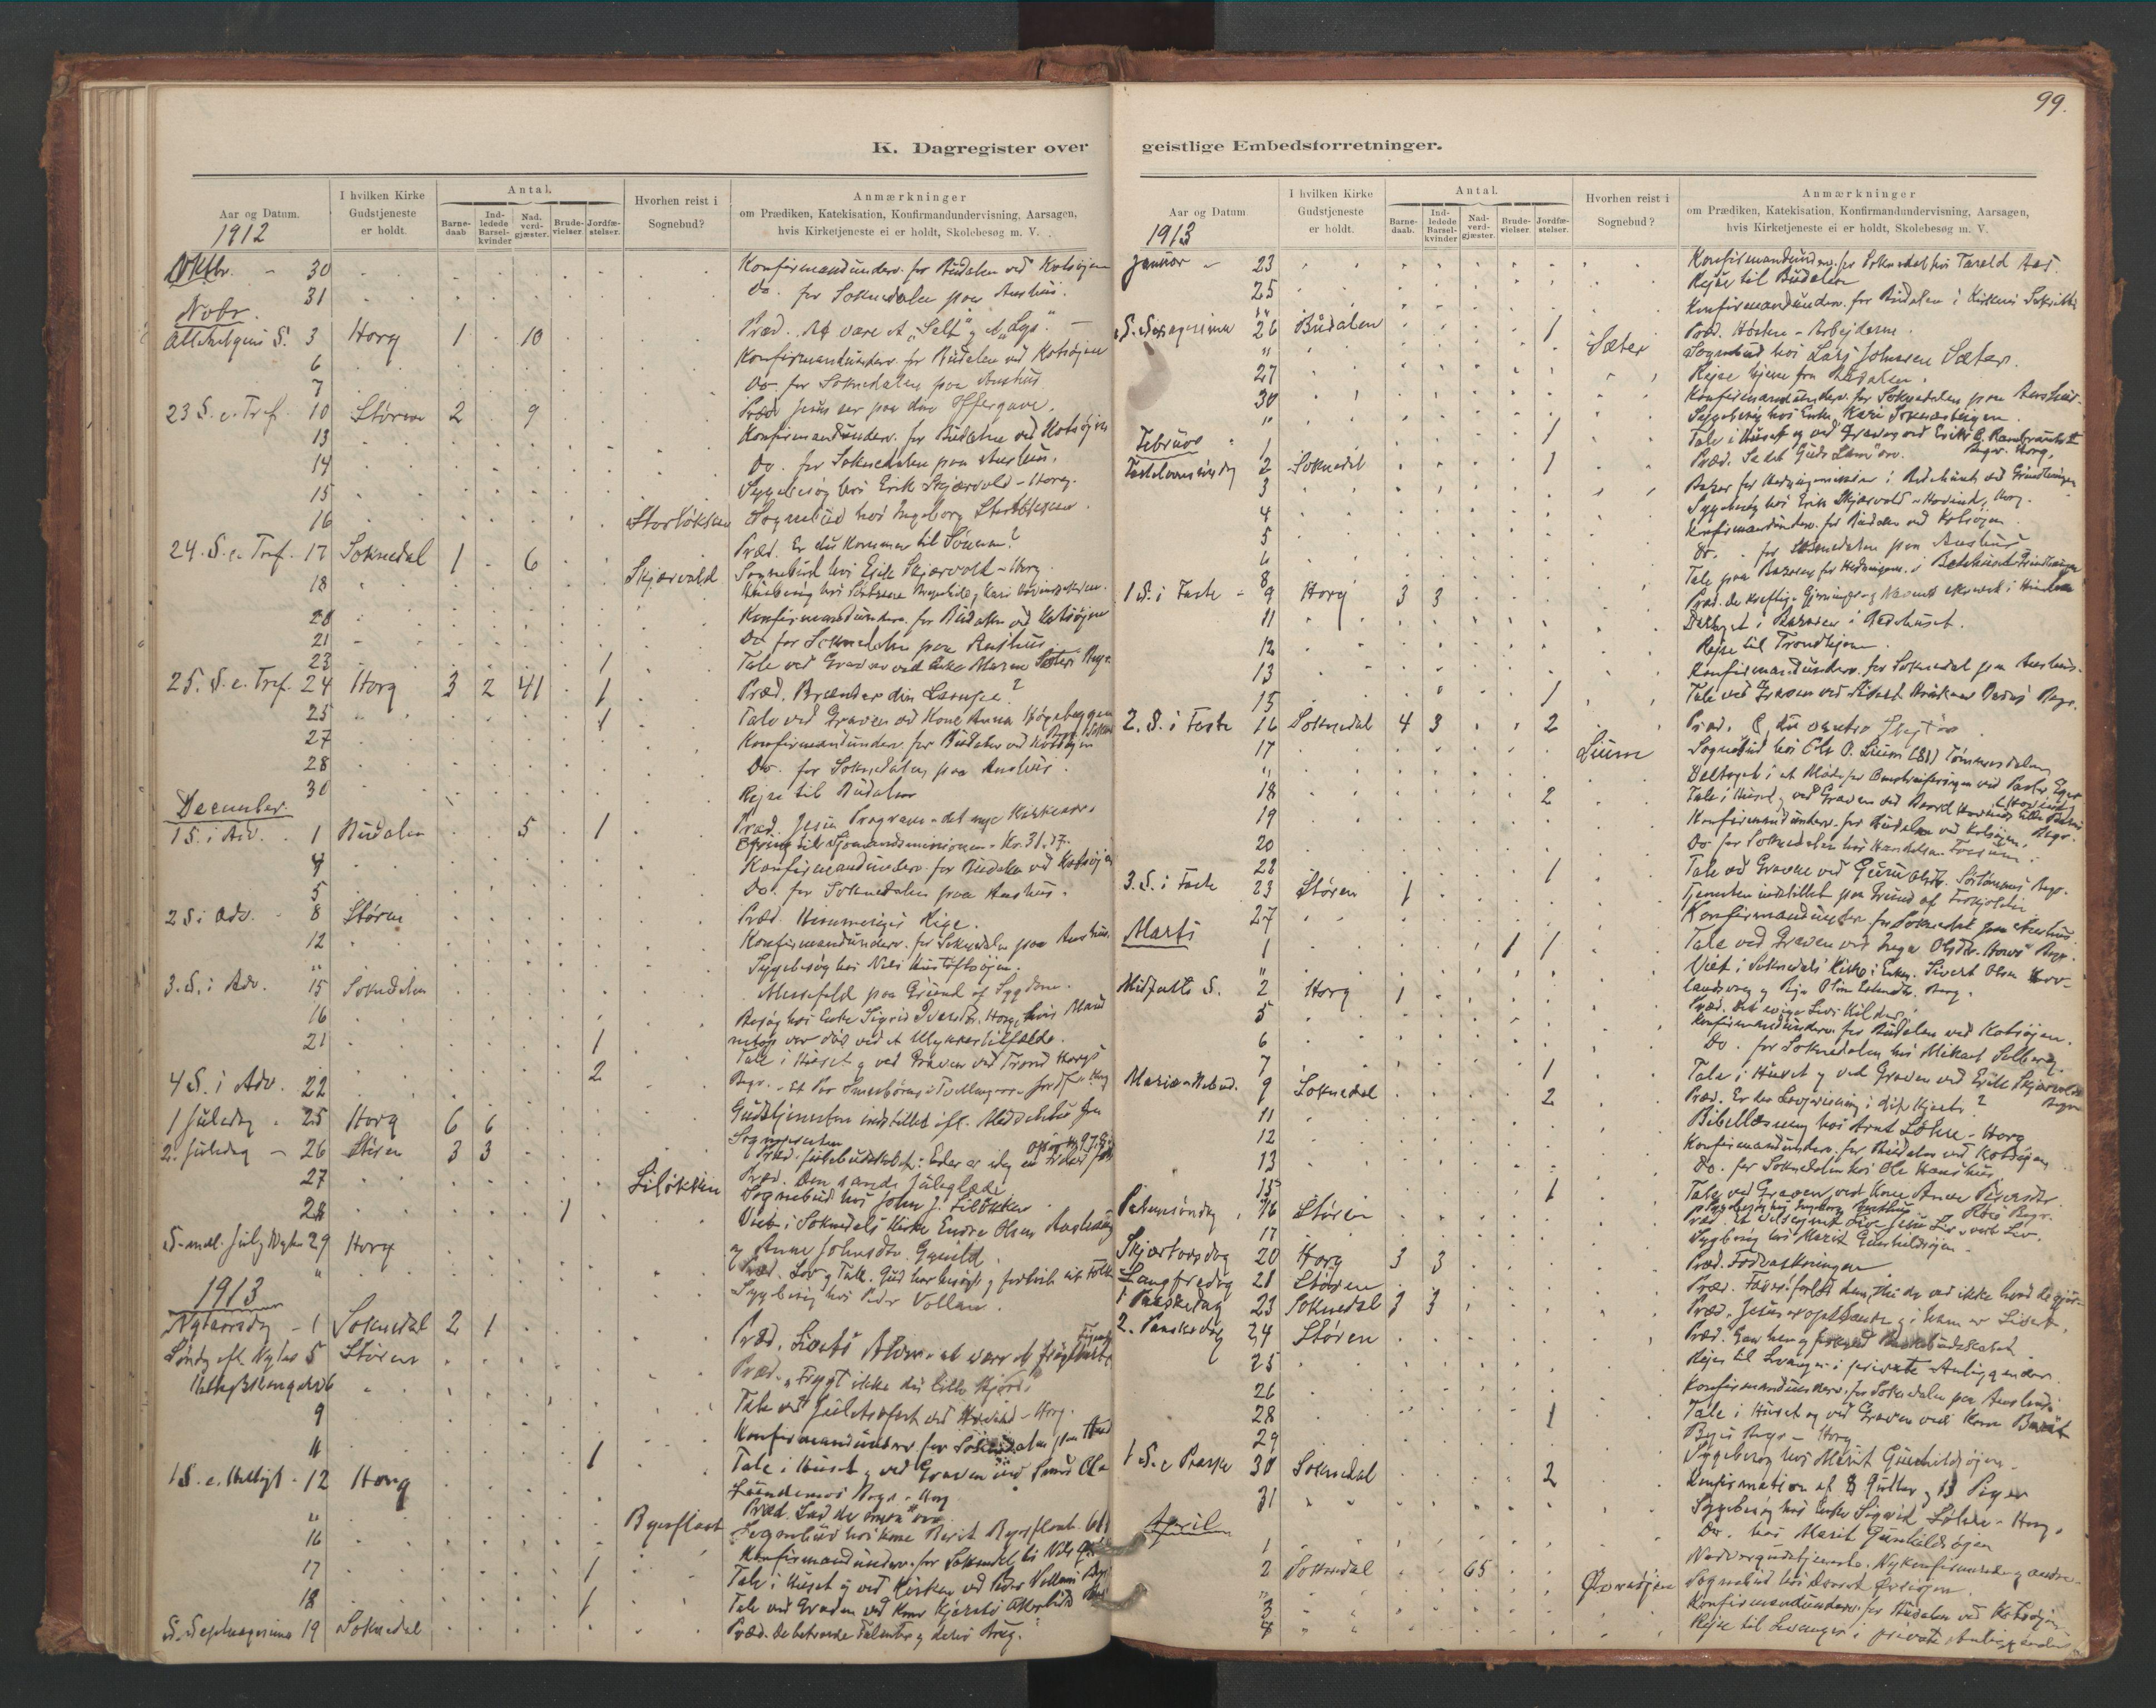 SAT, Ministerialprotokoller, klokkerbøker og fødselsregistre - Sør-Trøndelag, 687/L1012: Dagregister nr. 687B01, 1887-1914, s. 99